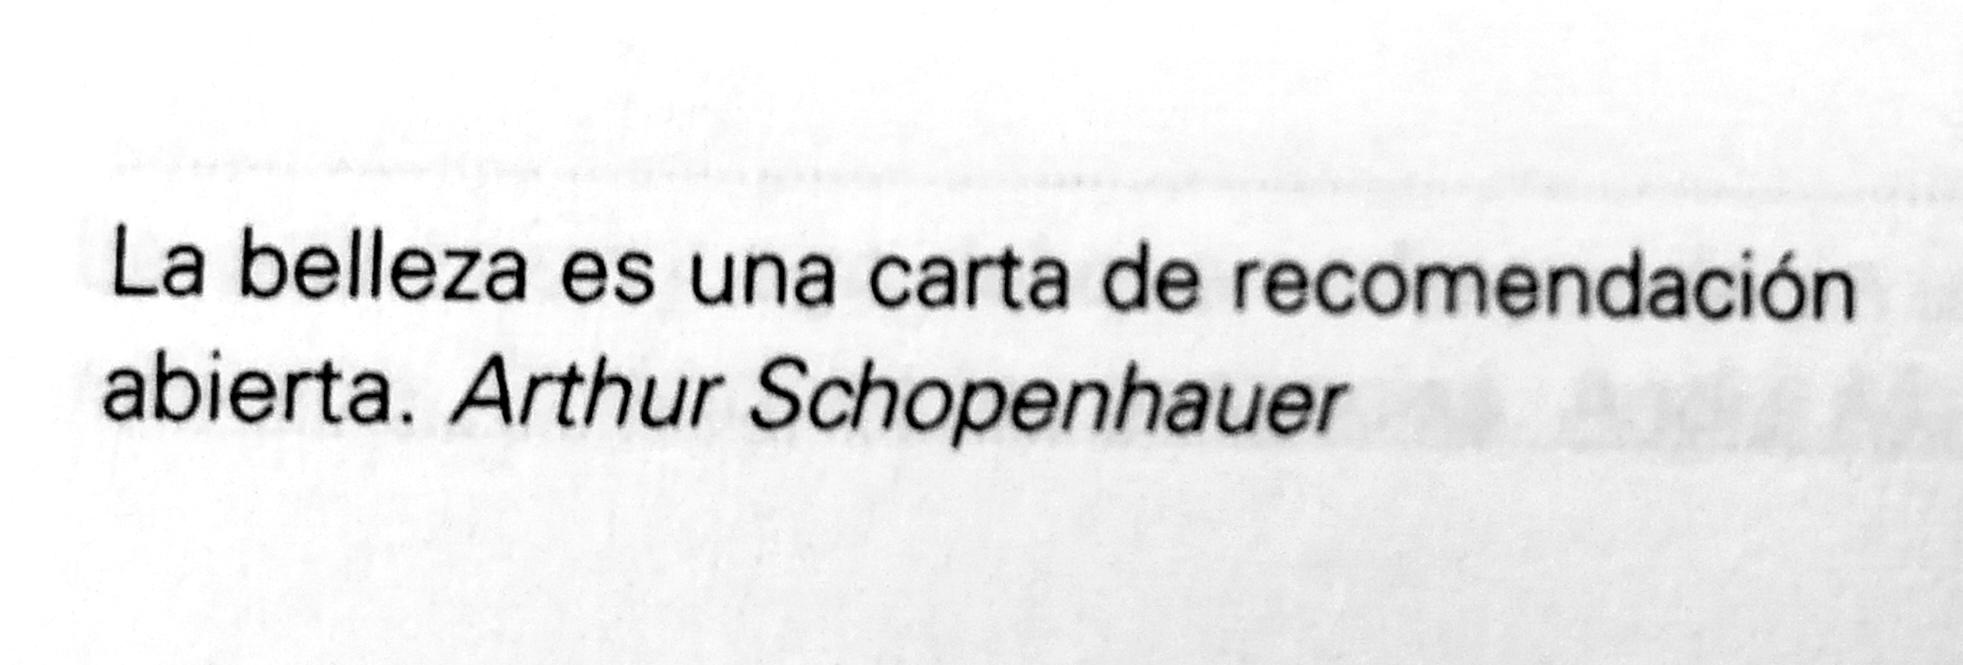 La frase de Arthur Schopenhauer